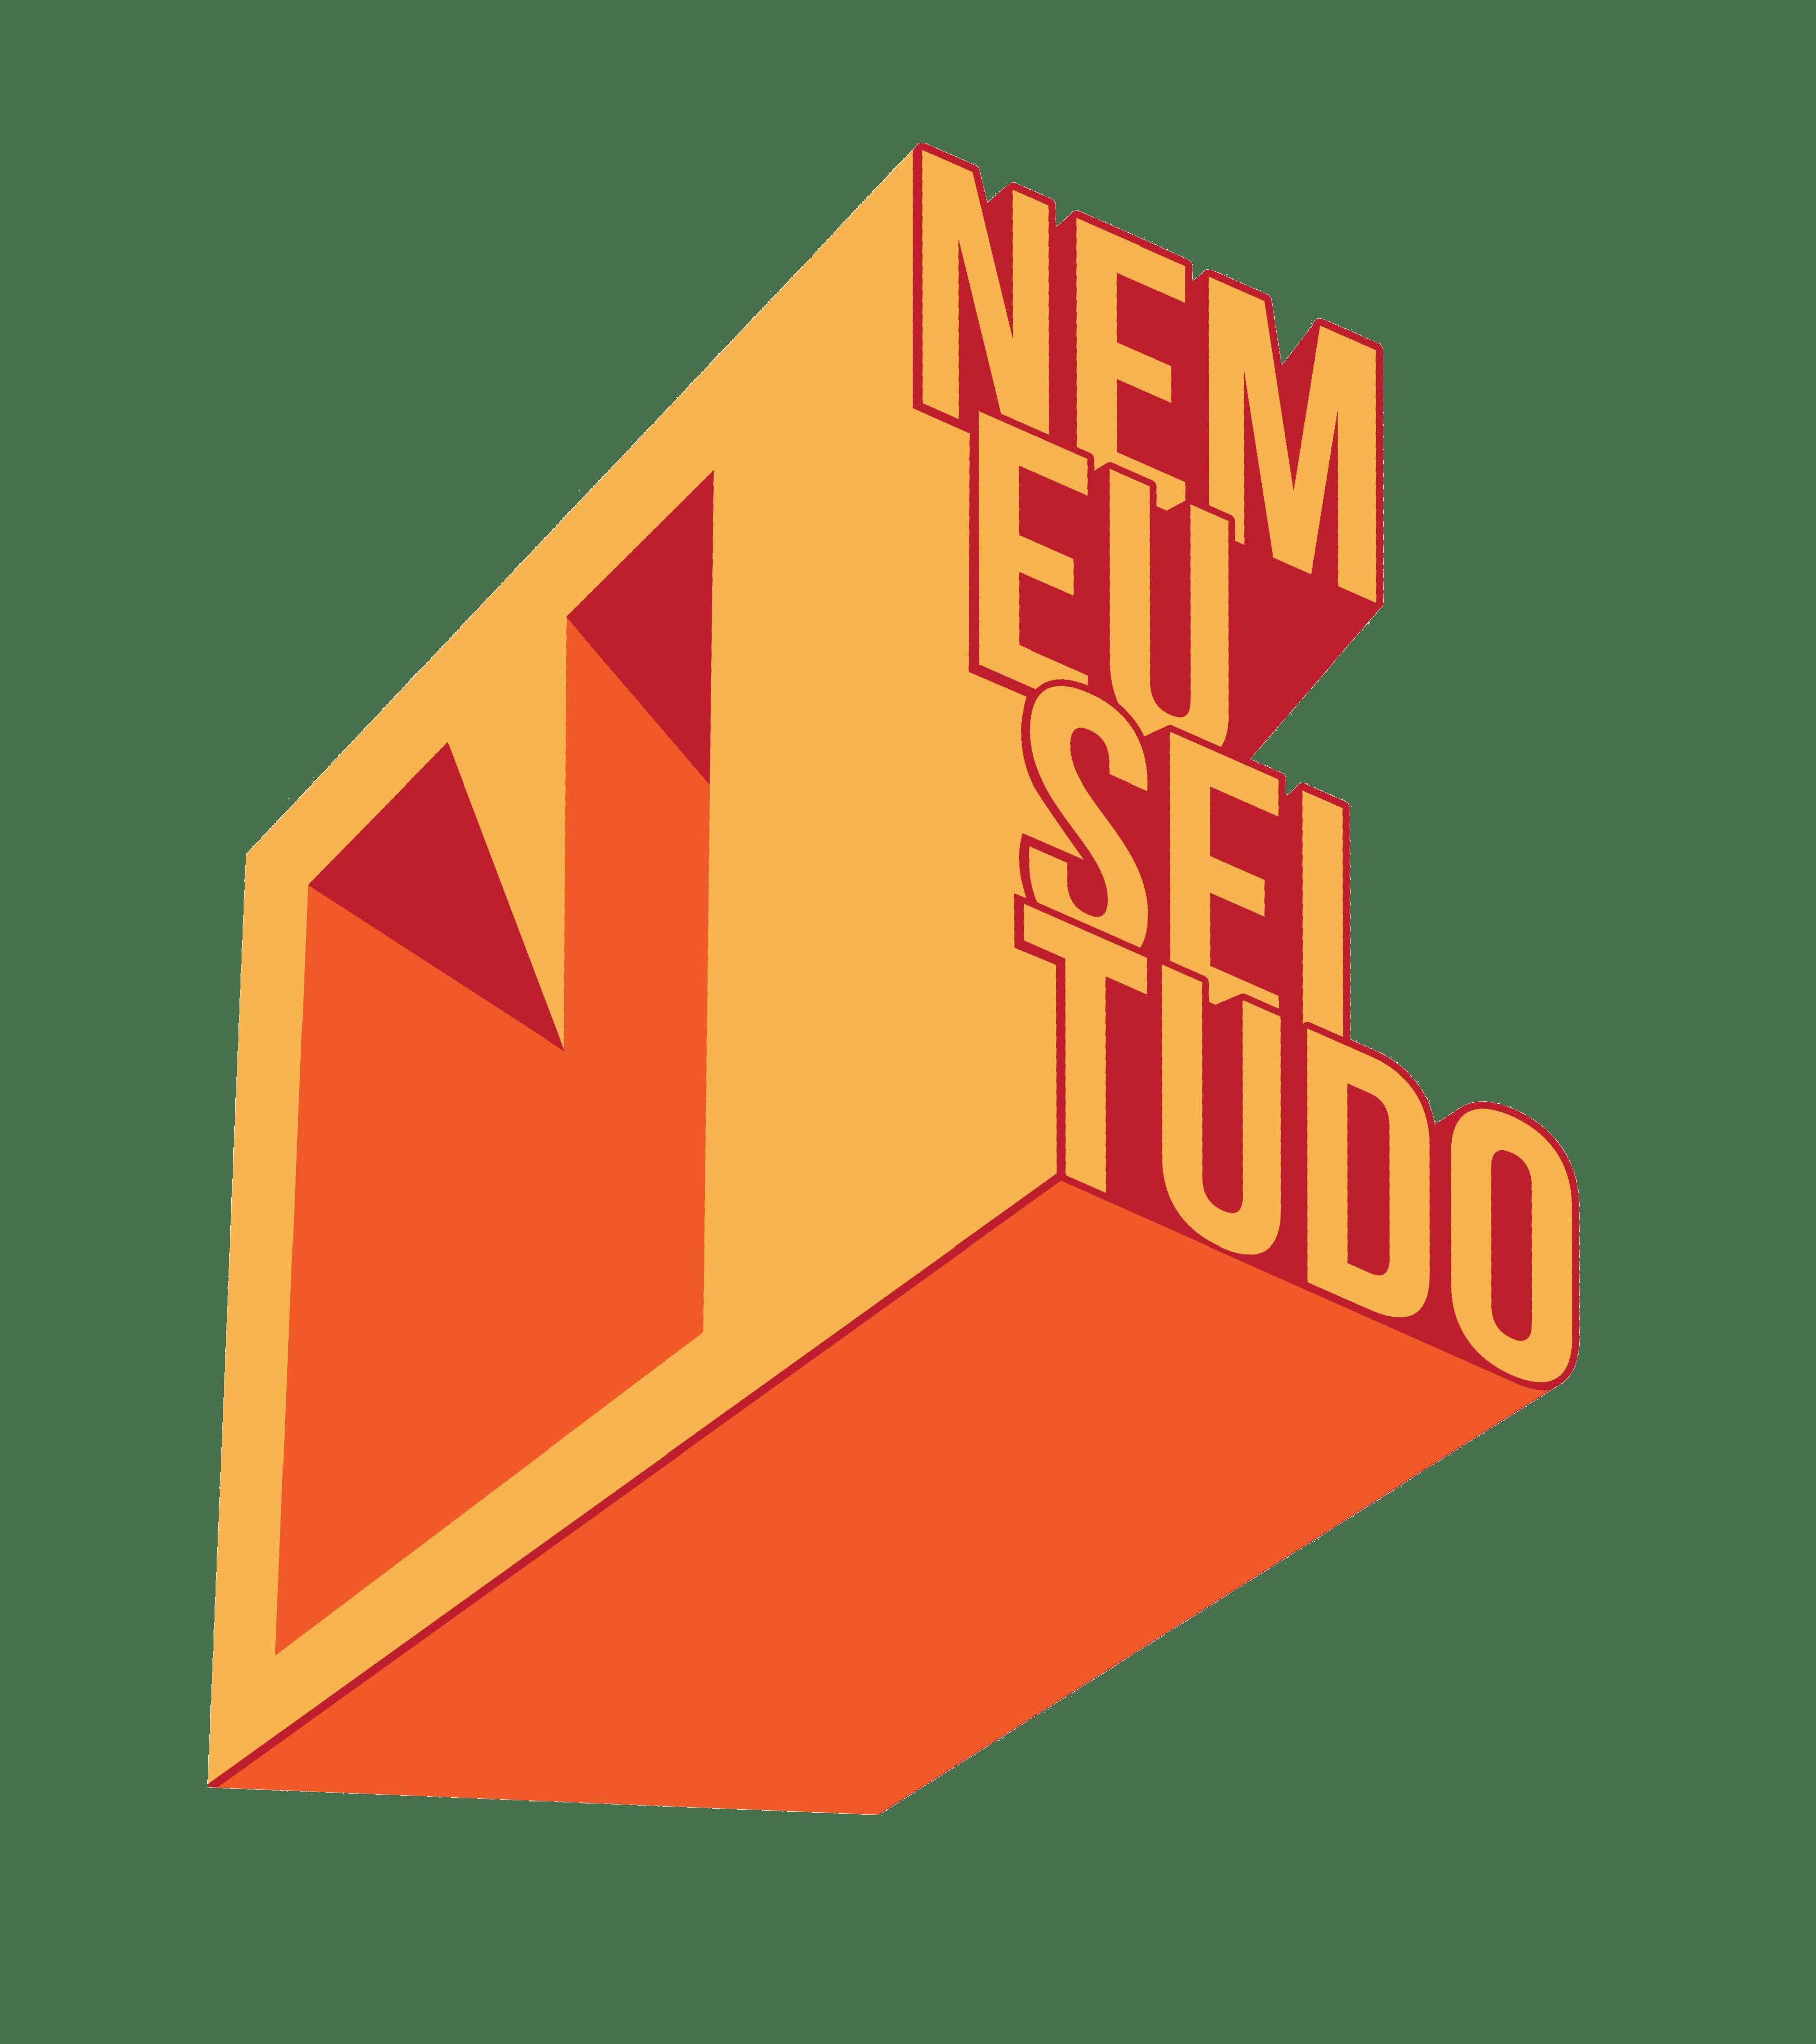 documentario_institucional_Nest_Page_1